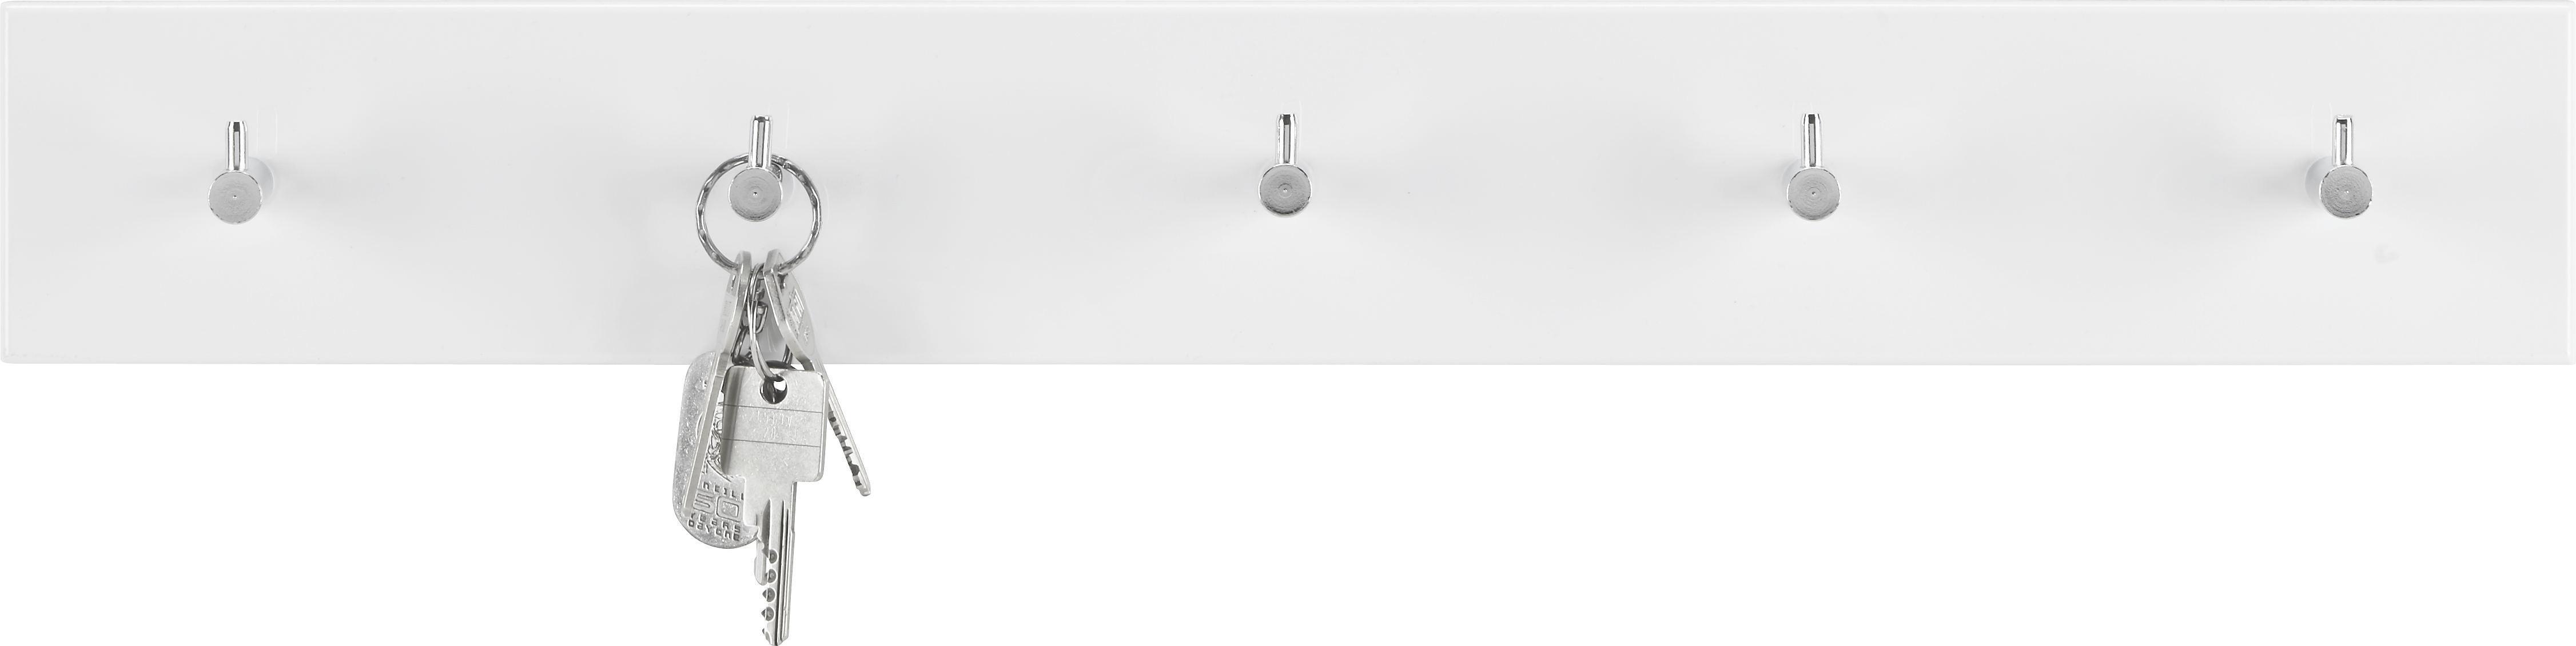 Wandgarderobe in Weiß Hochglanz - Chromfarben/Weiß, Holzwerkstoff/Metall (57/8/5cm) - MÖMAX modern living